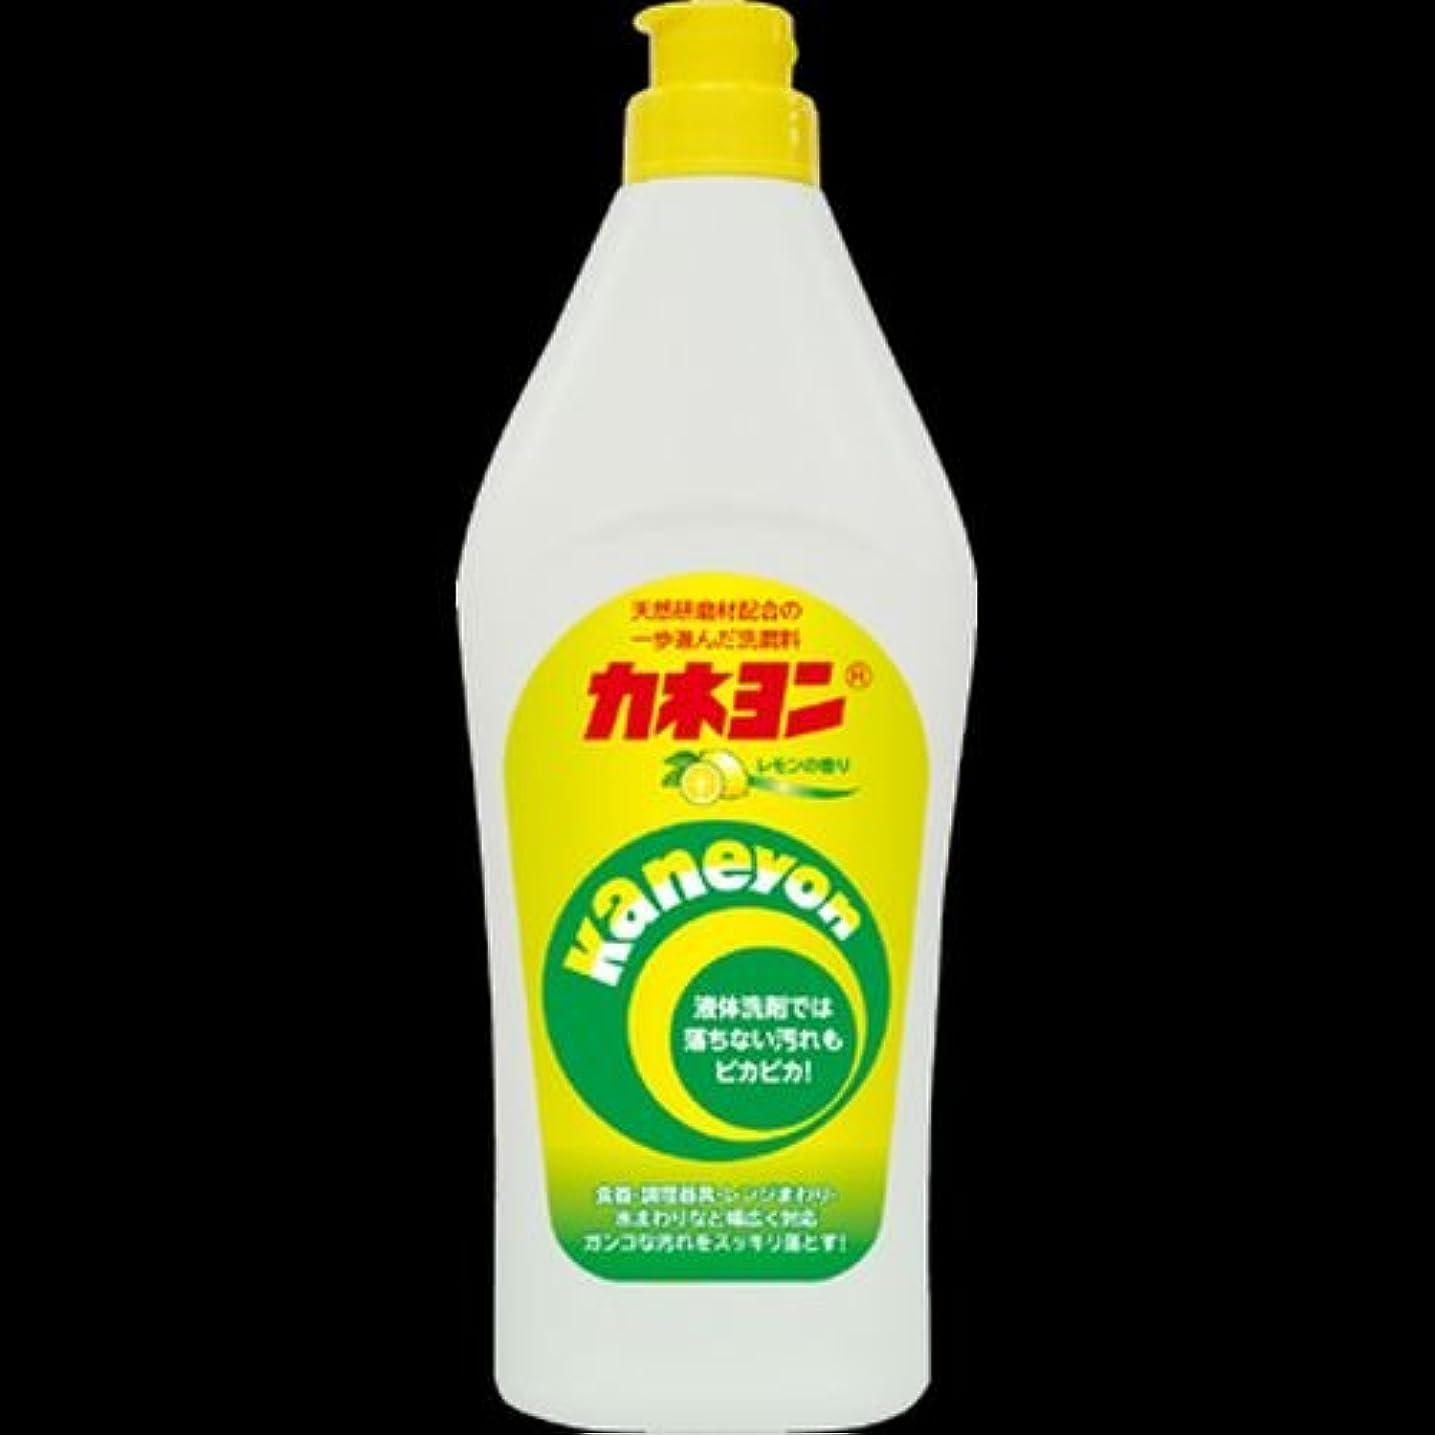 幸福マグアデレード【まとめ買い】カネヨ石鹸 カネヨンレモン 550g ×2セット